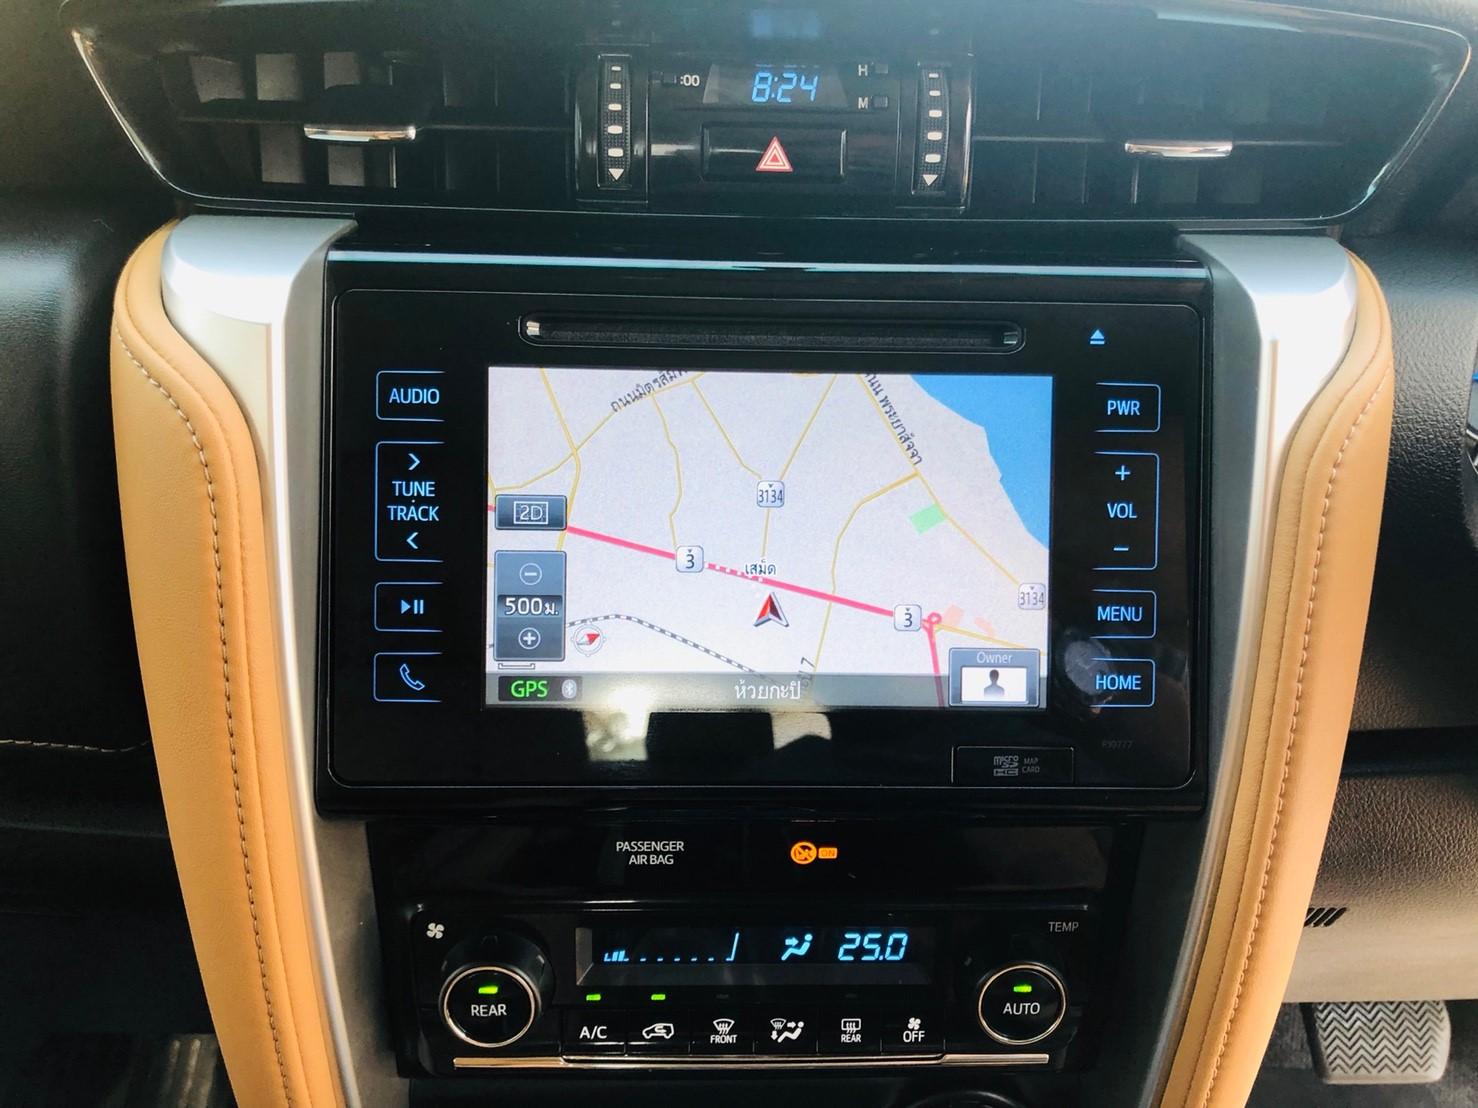 ภาพจอแสดงผล โตโยต้า ฟอร์จูนเนอร์ 2.8 V 4WD ปี 2016